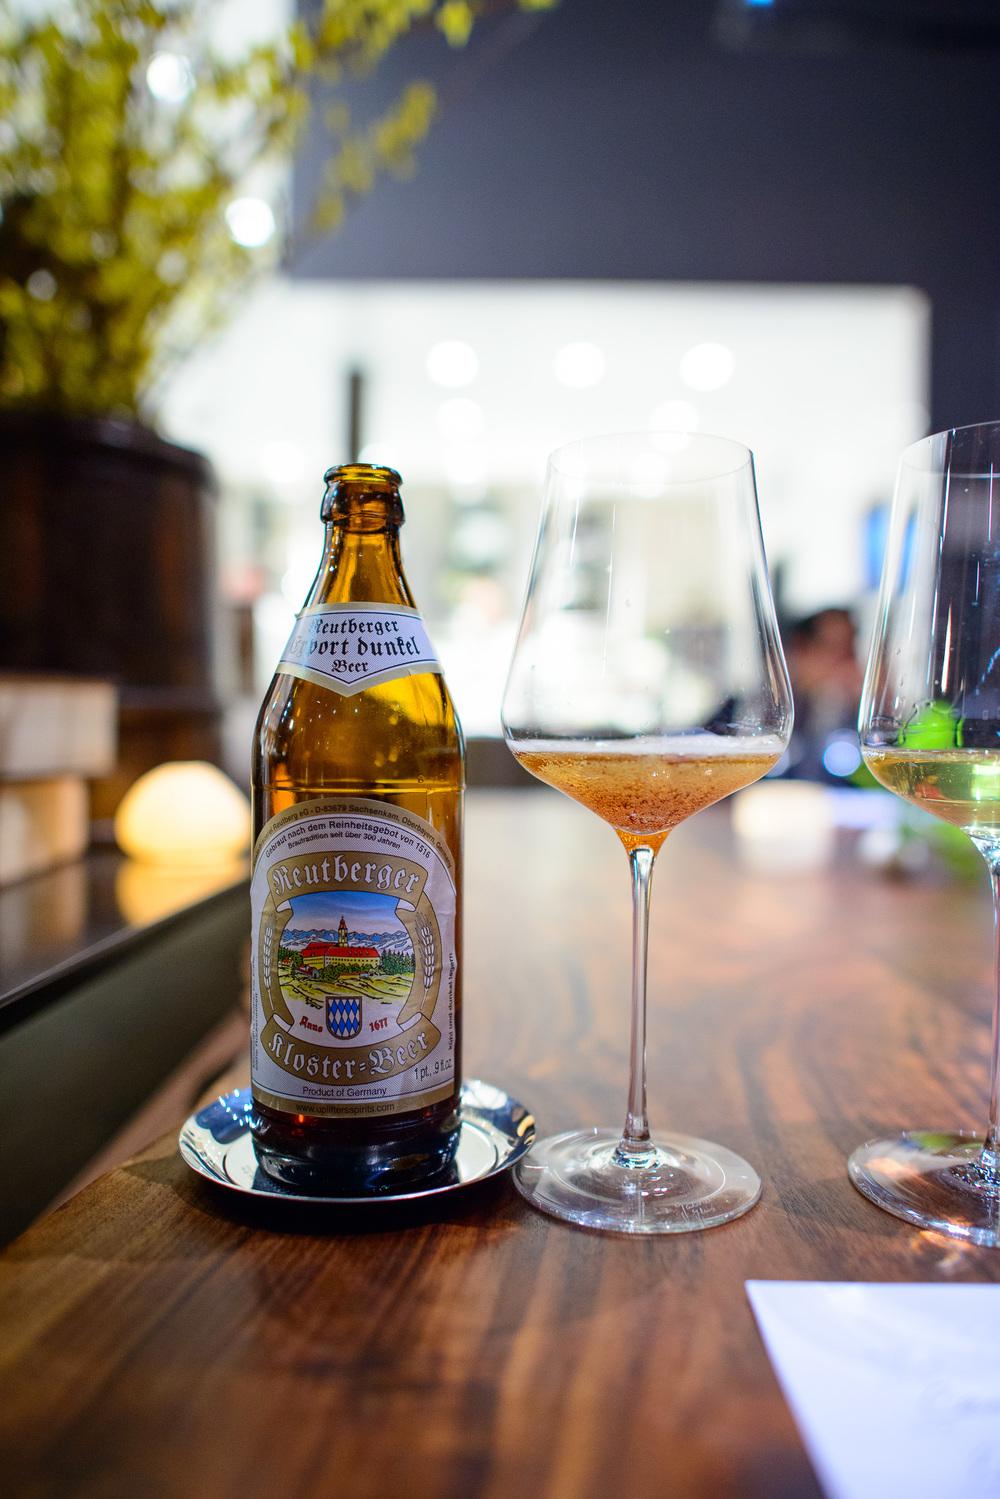 Reutberger Kloster Beer